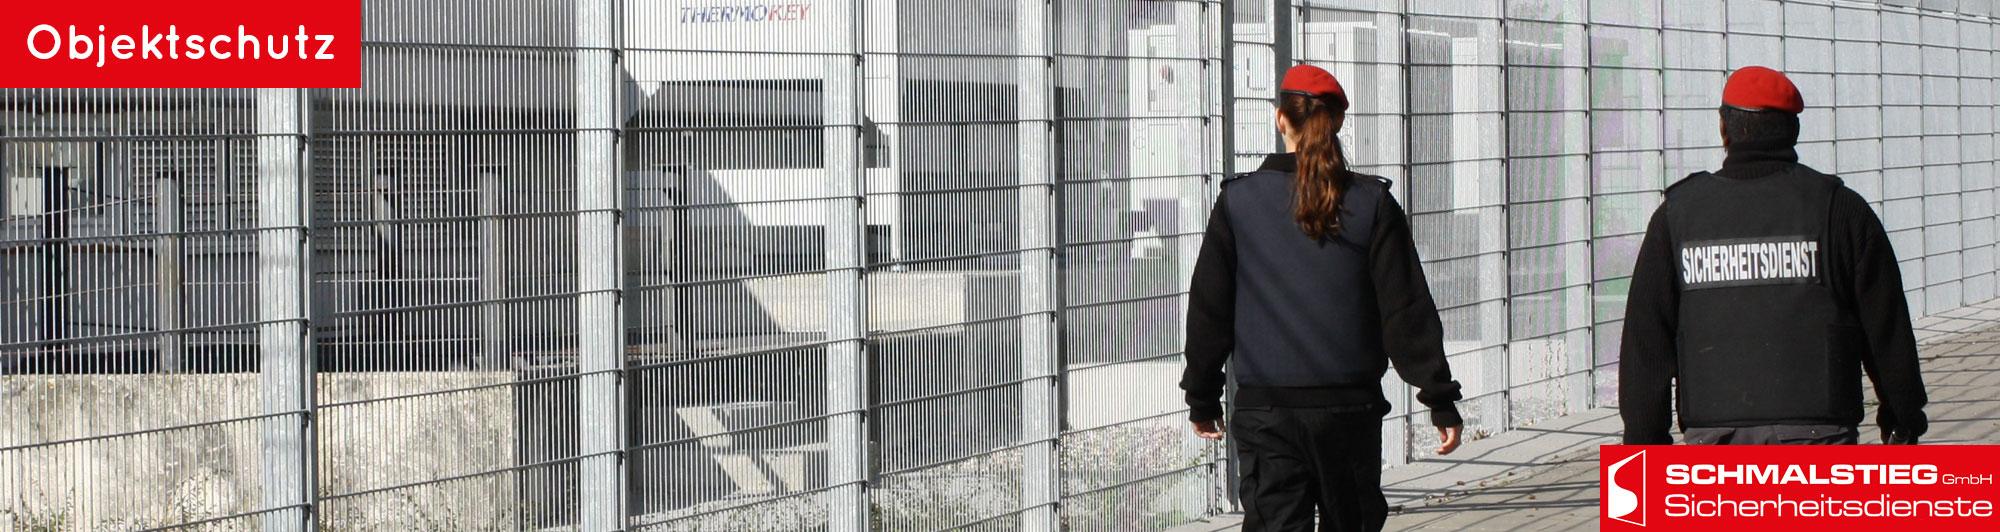 Sicherheitsdienst Hannover - Objektschutz